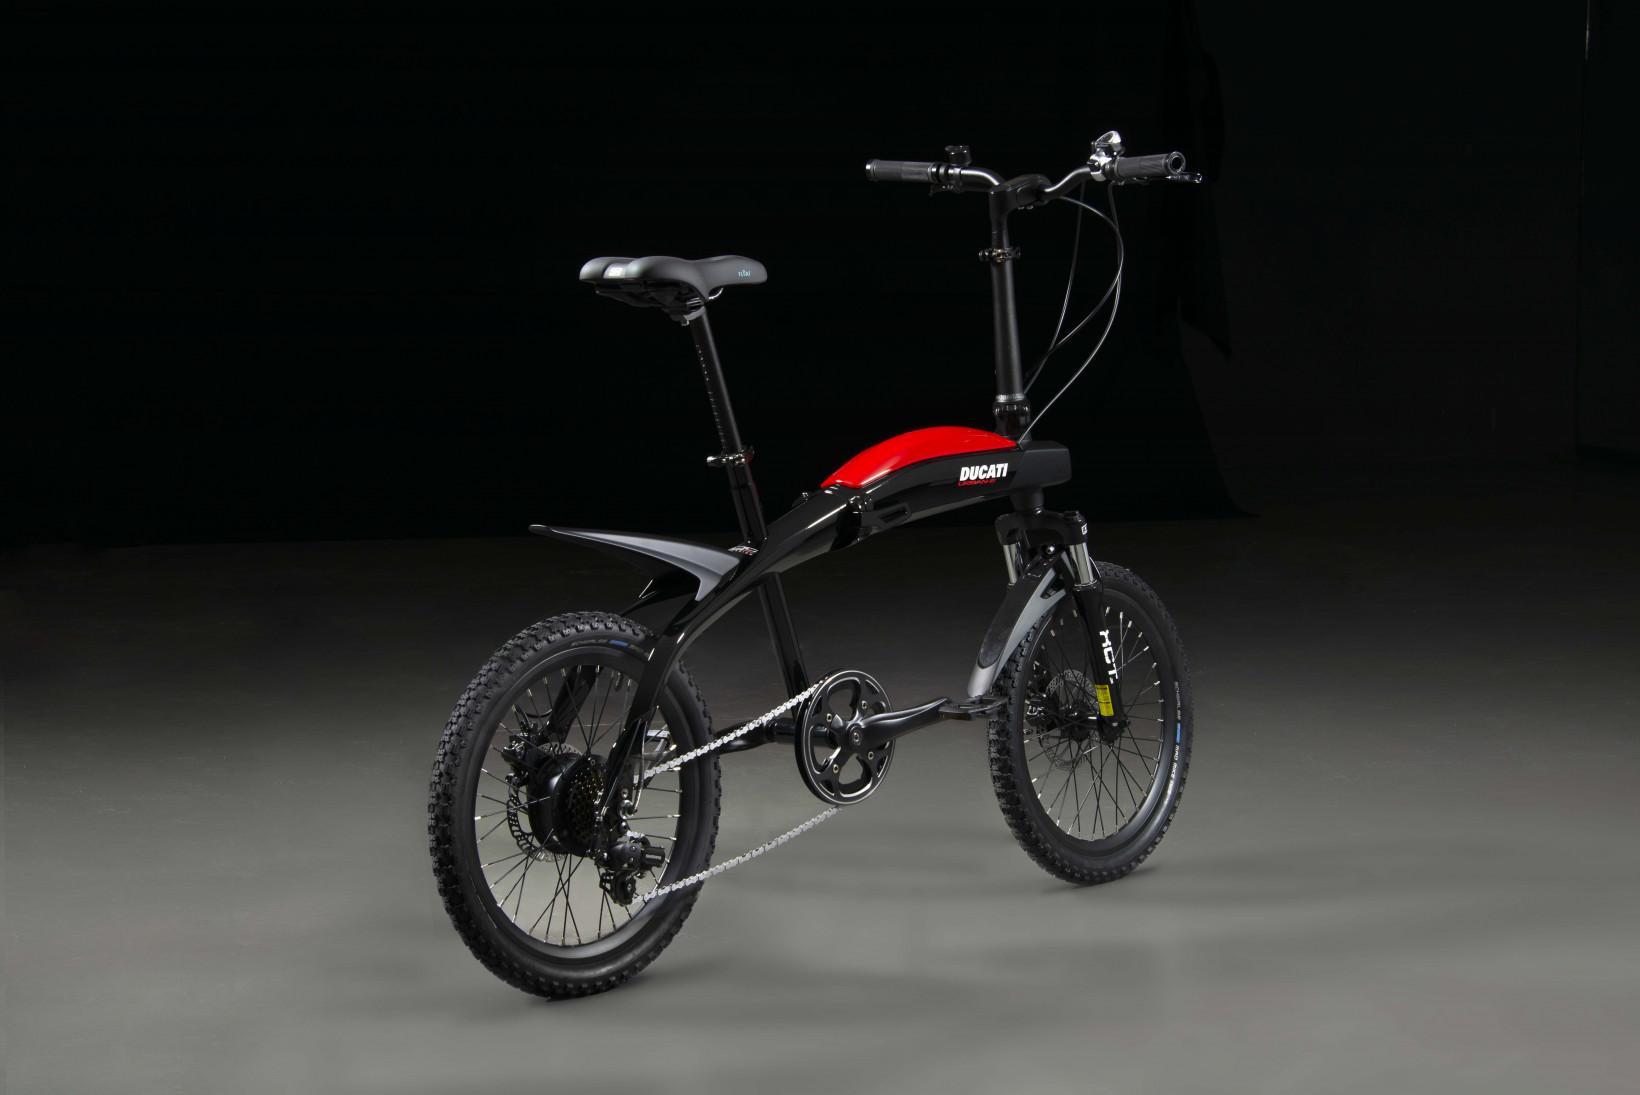 ducati, ebikes, folding, bike, motorbikes